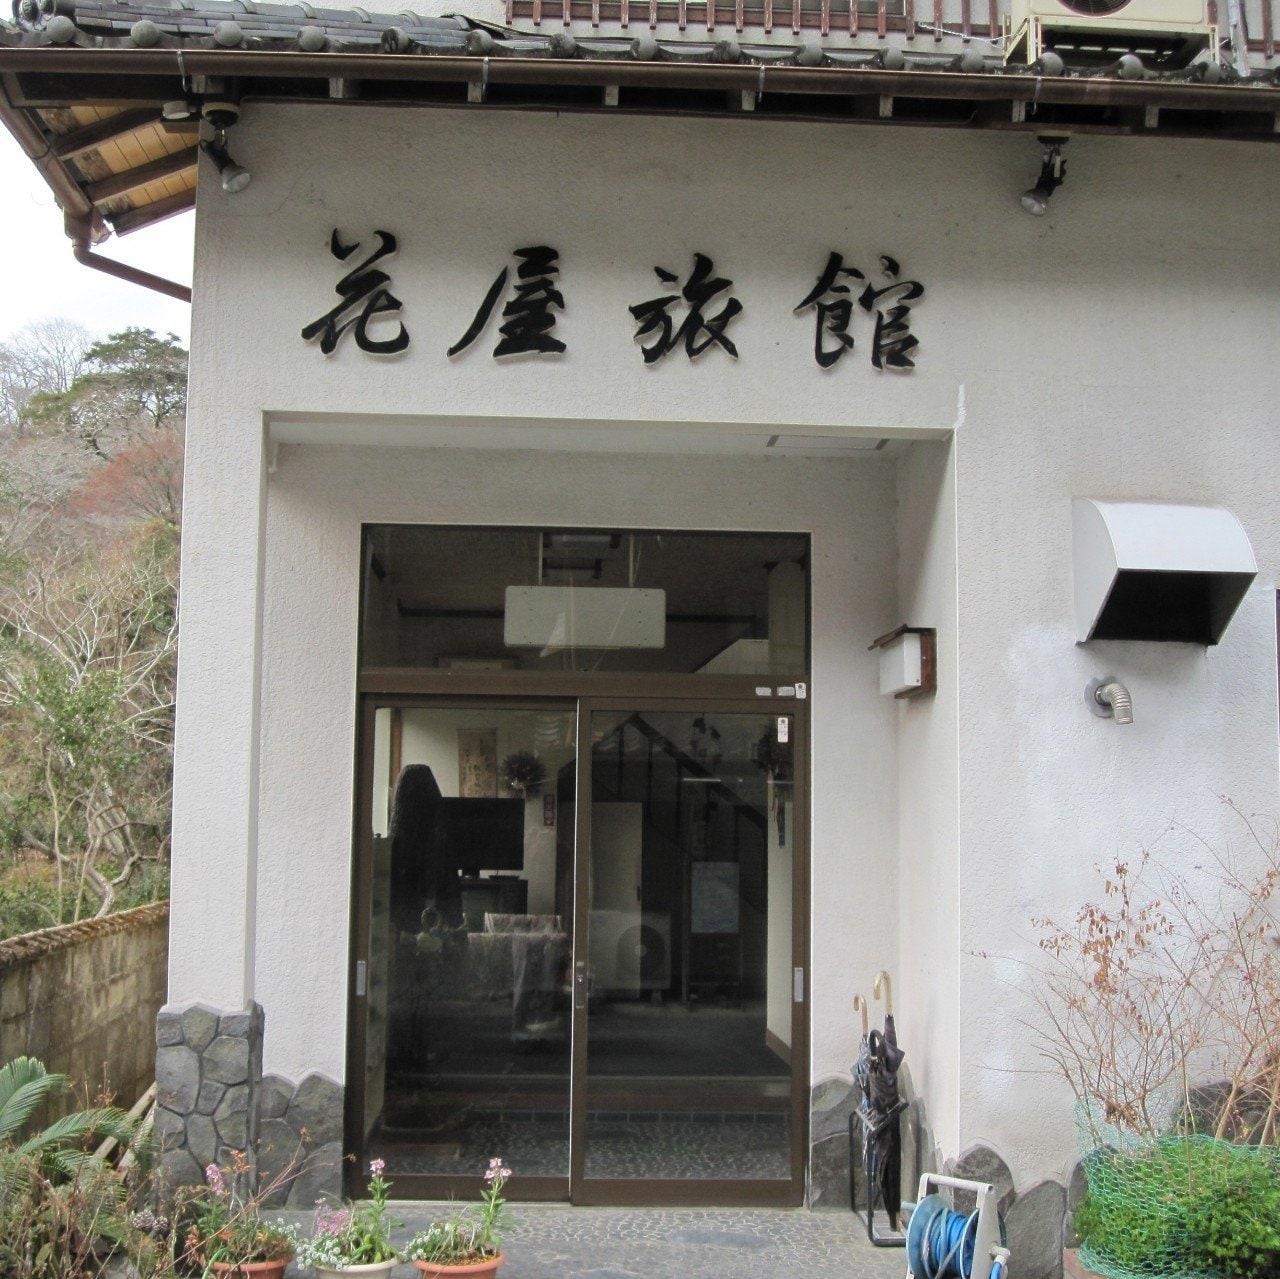 花屋旅館(はなやりょかん)/✿奥山方広寺に一番近い小さなお宿/いなさマップ「C」のイメージその3